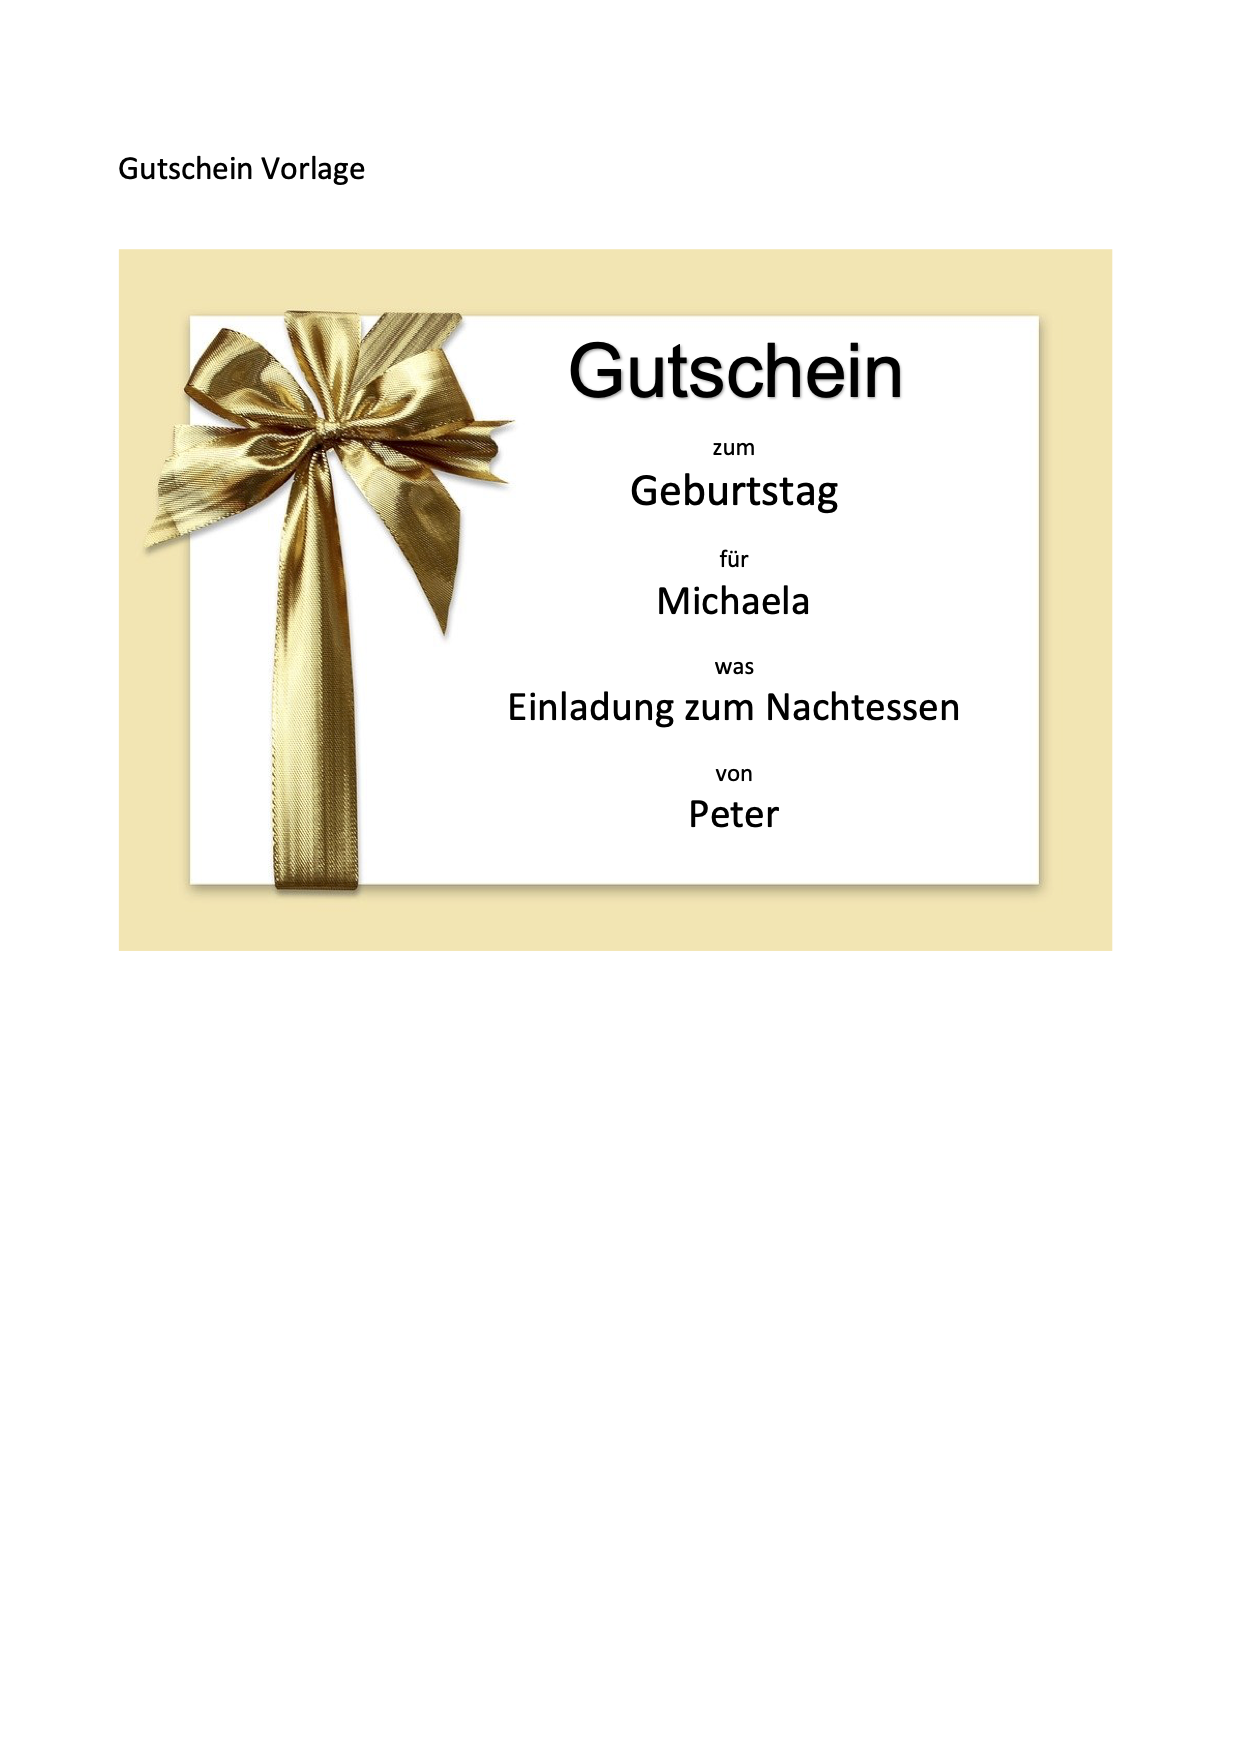 Word Vorlage Gutschein